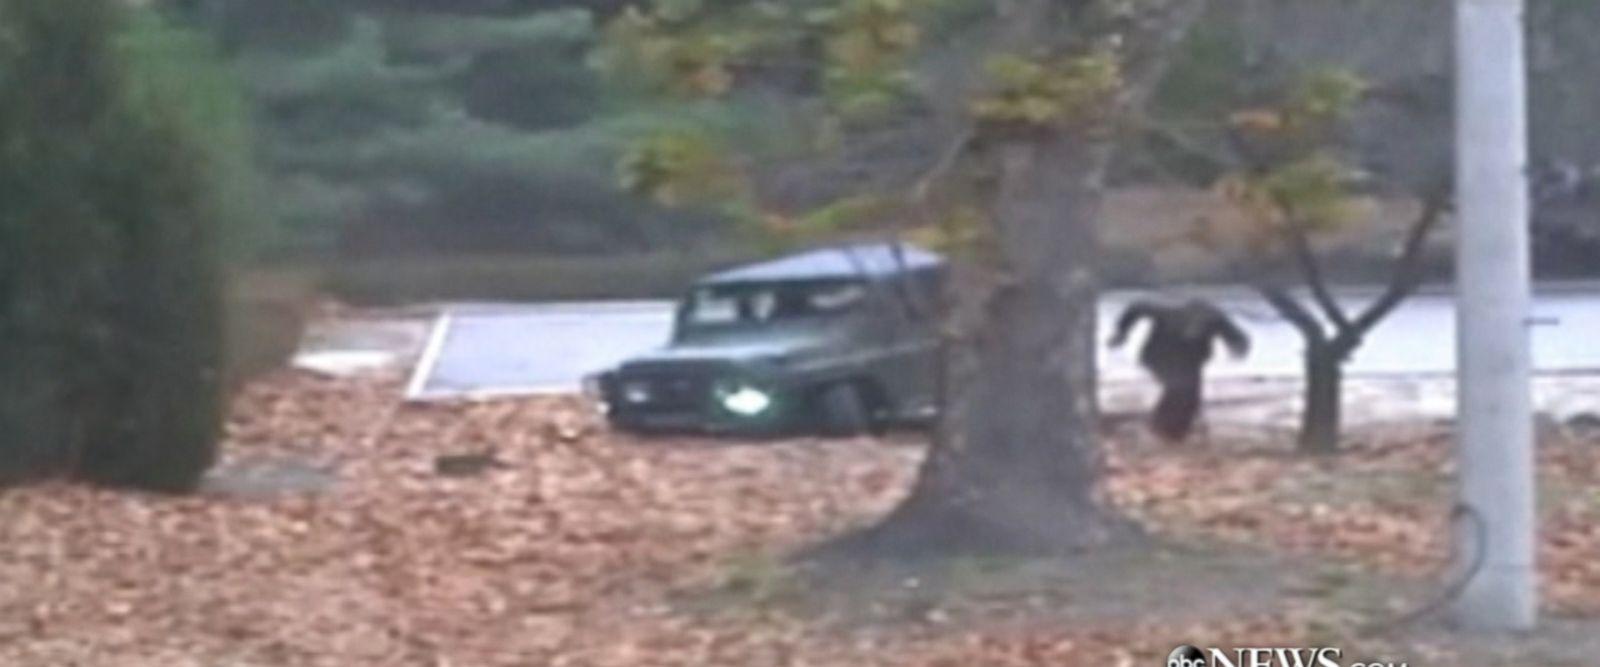 VIDEO: North Korea defector